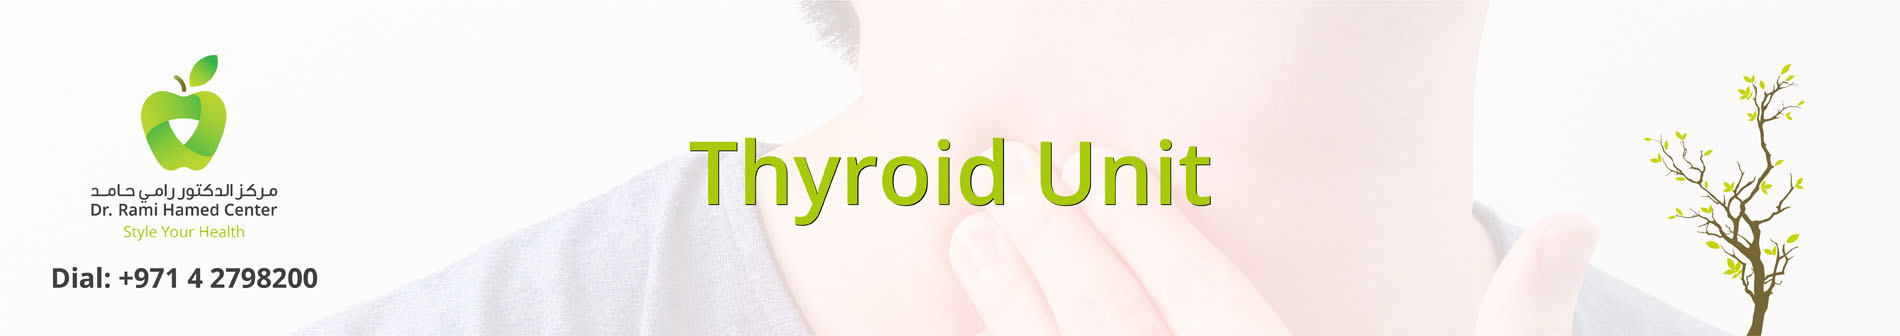 Thyroid Unit